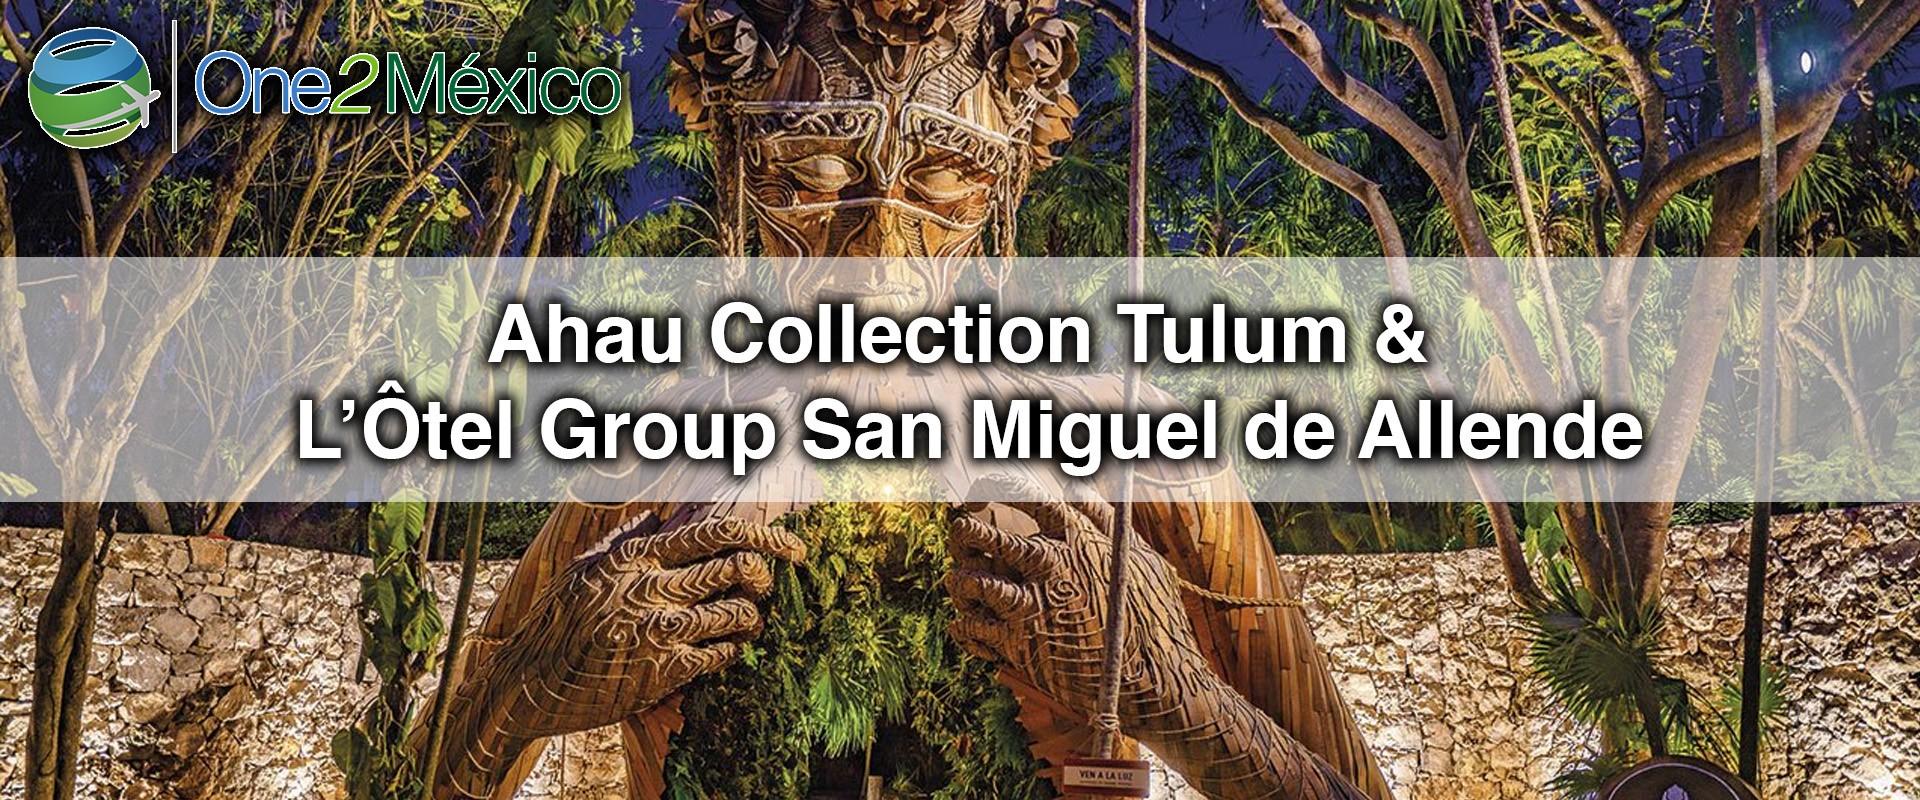 One2México | Ahau Collection Tulum & L'Ôtel Group San Miguel de Allende